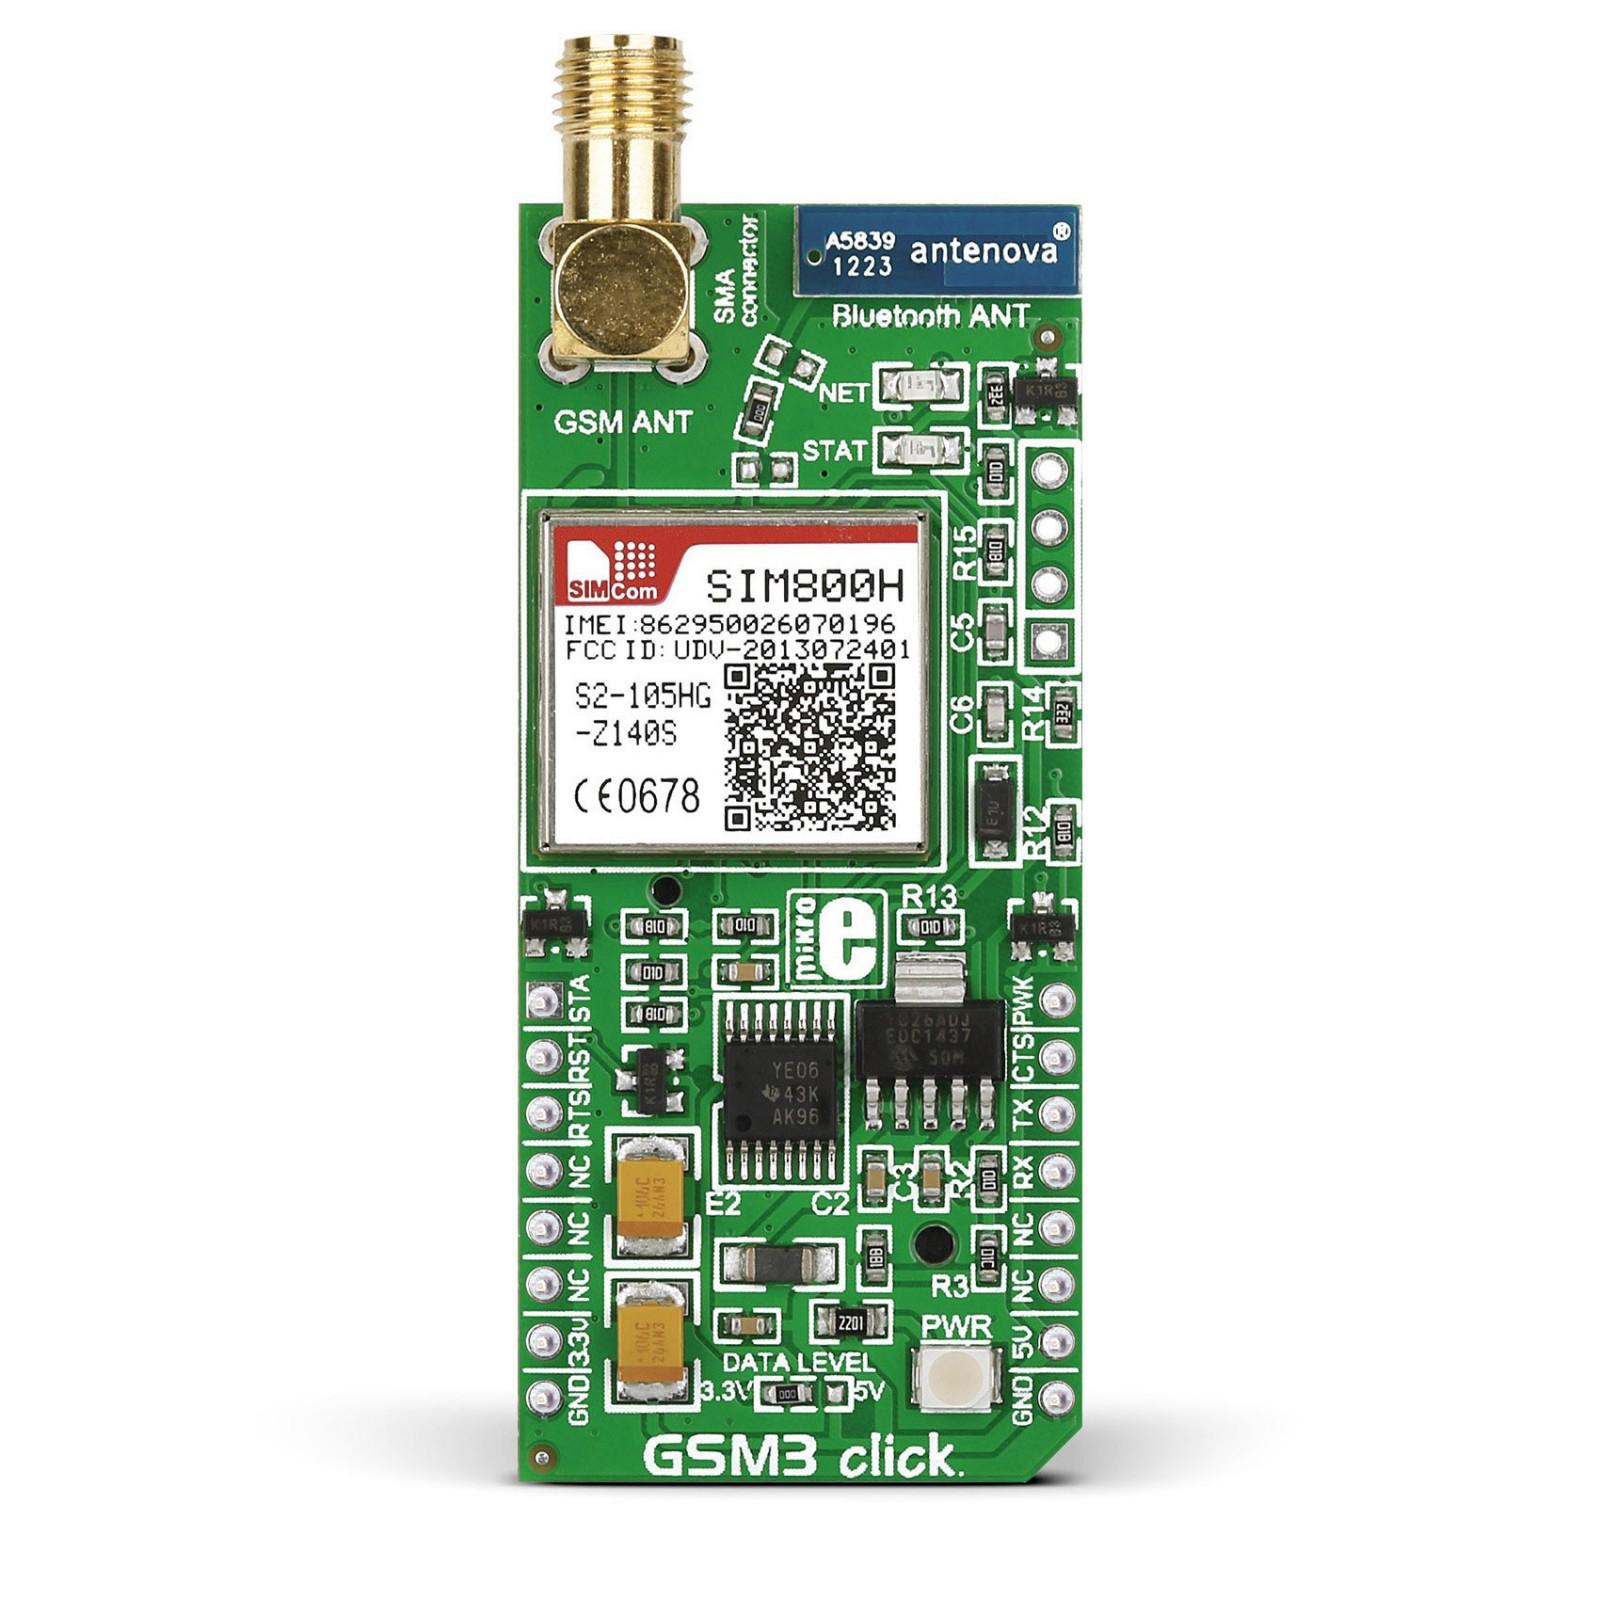 GSM3 click — board with SIM800H module | MikroElektronika